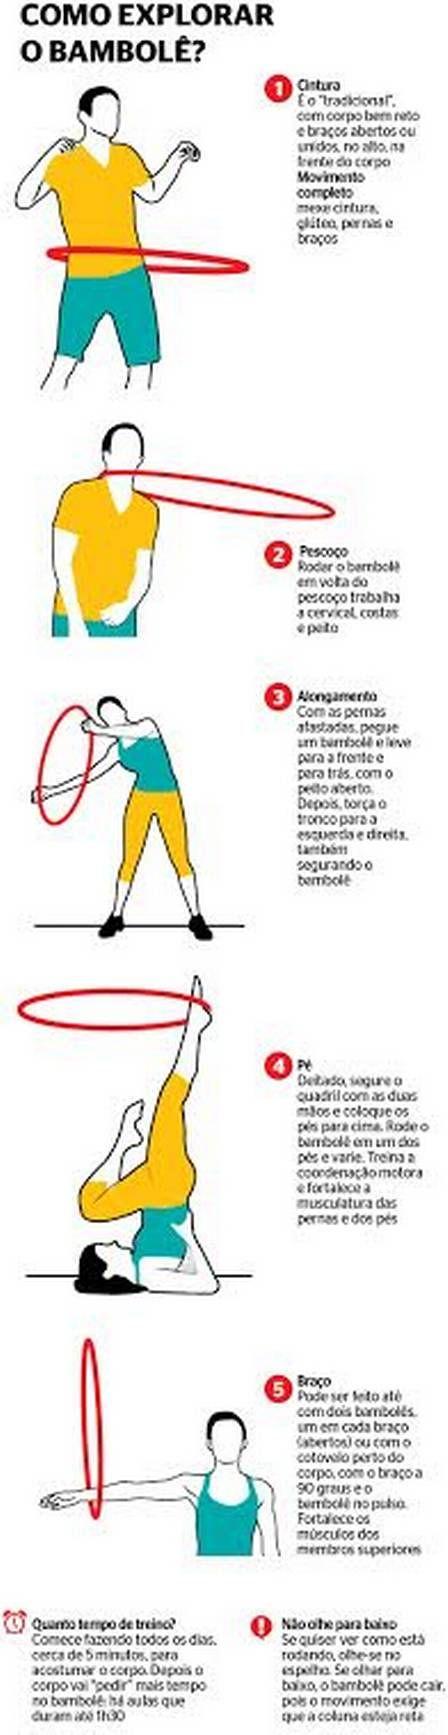 Exercício com bambolê trabalha musculatura do corpo todo e pode ser feito em família